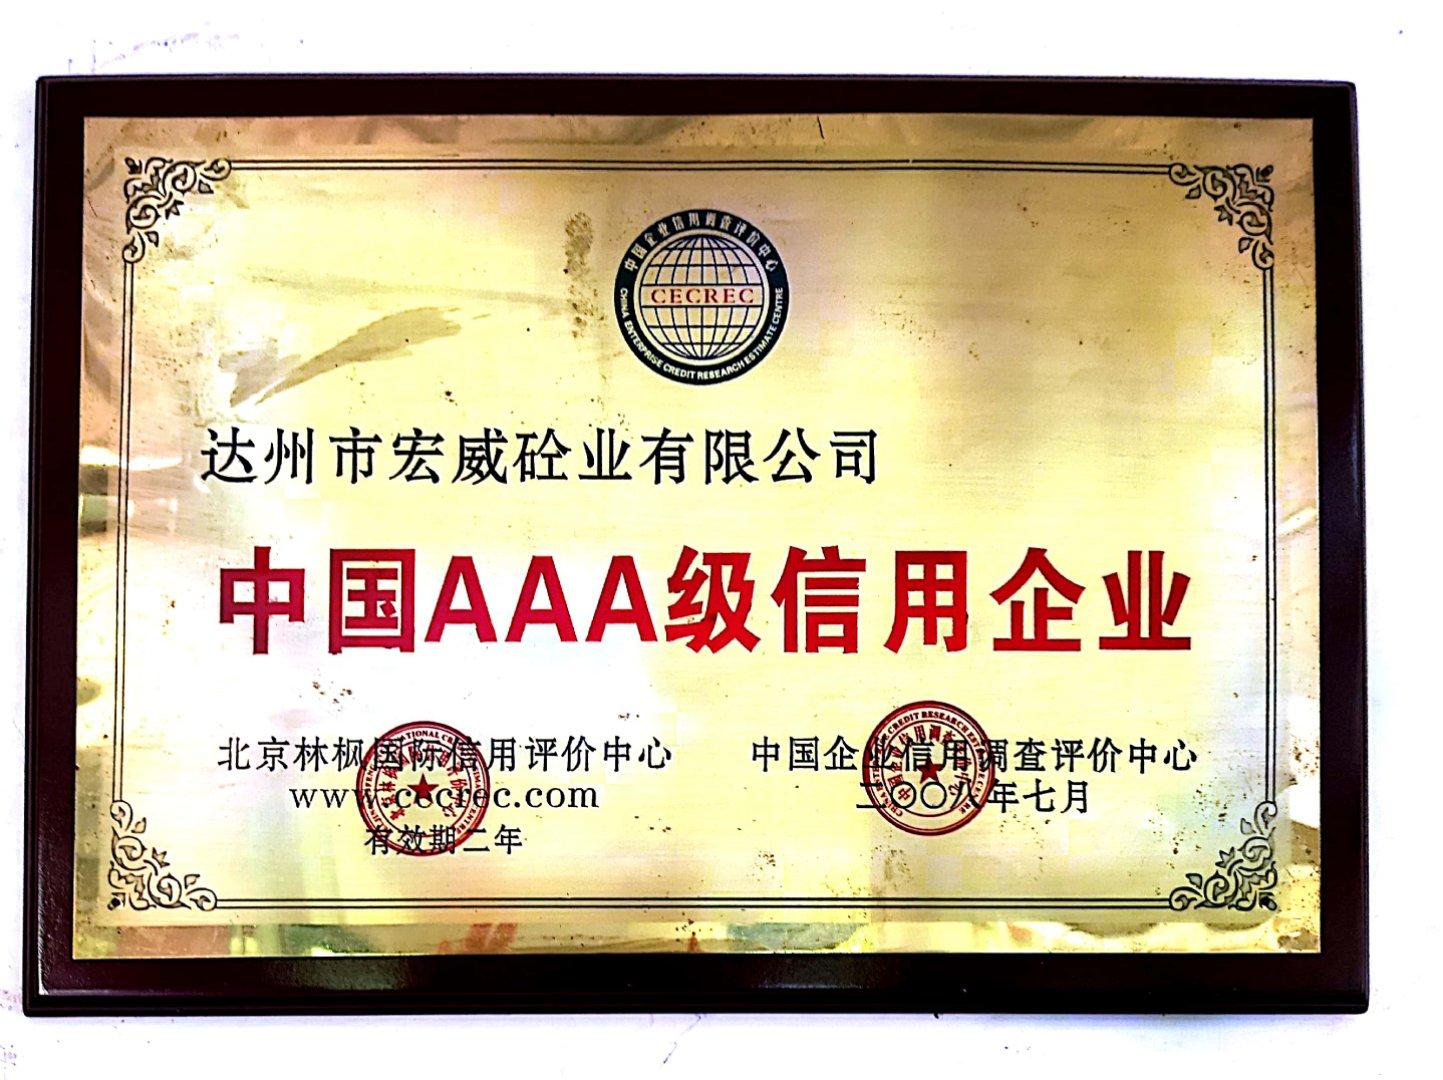 中國AAA級企業信用